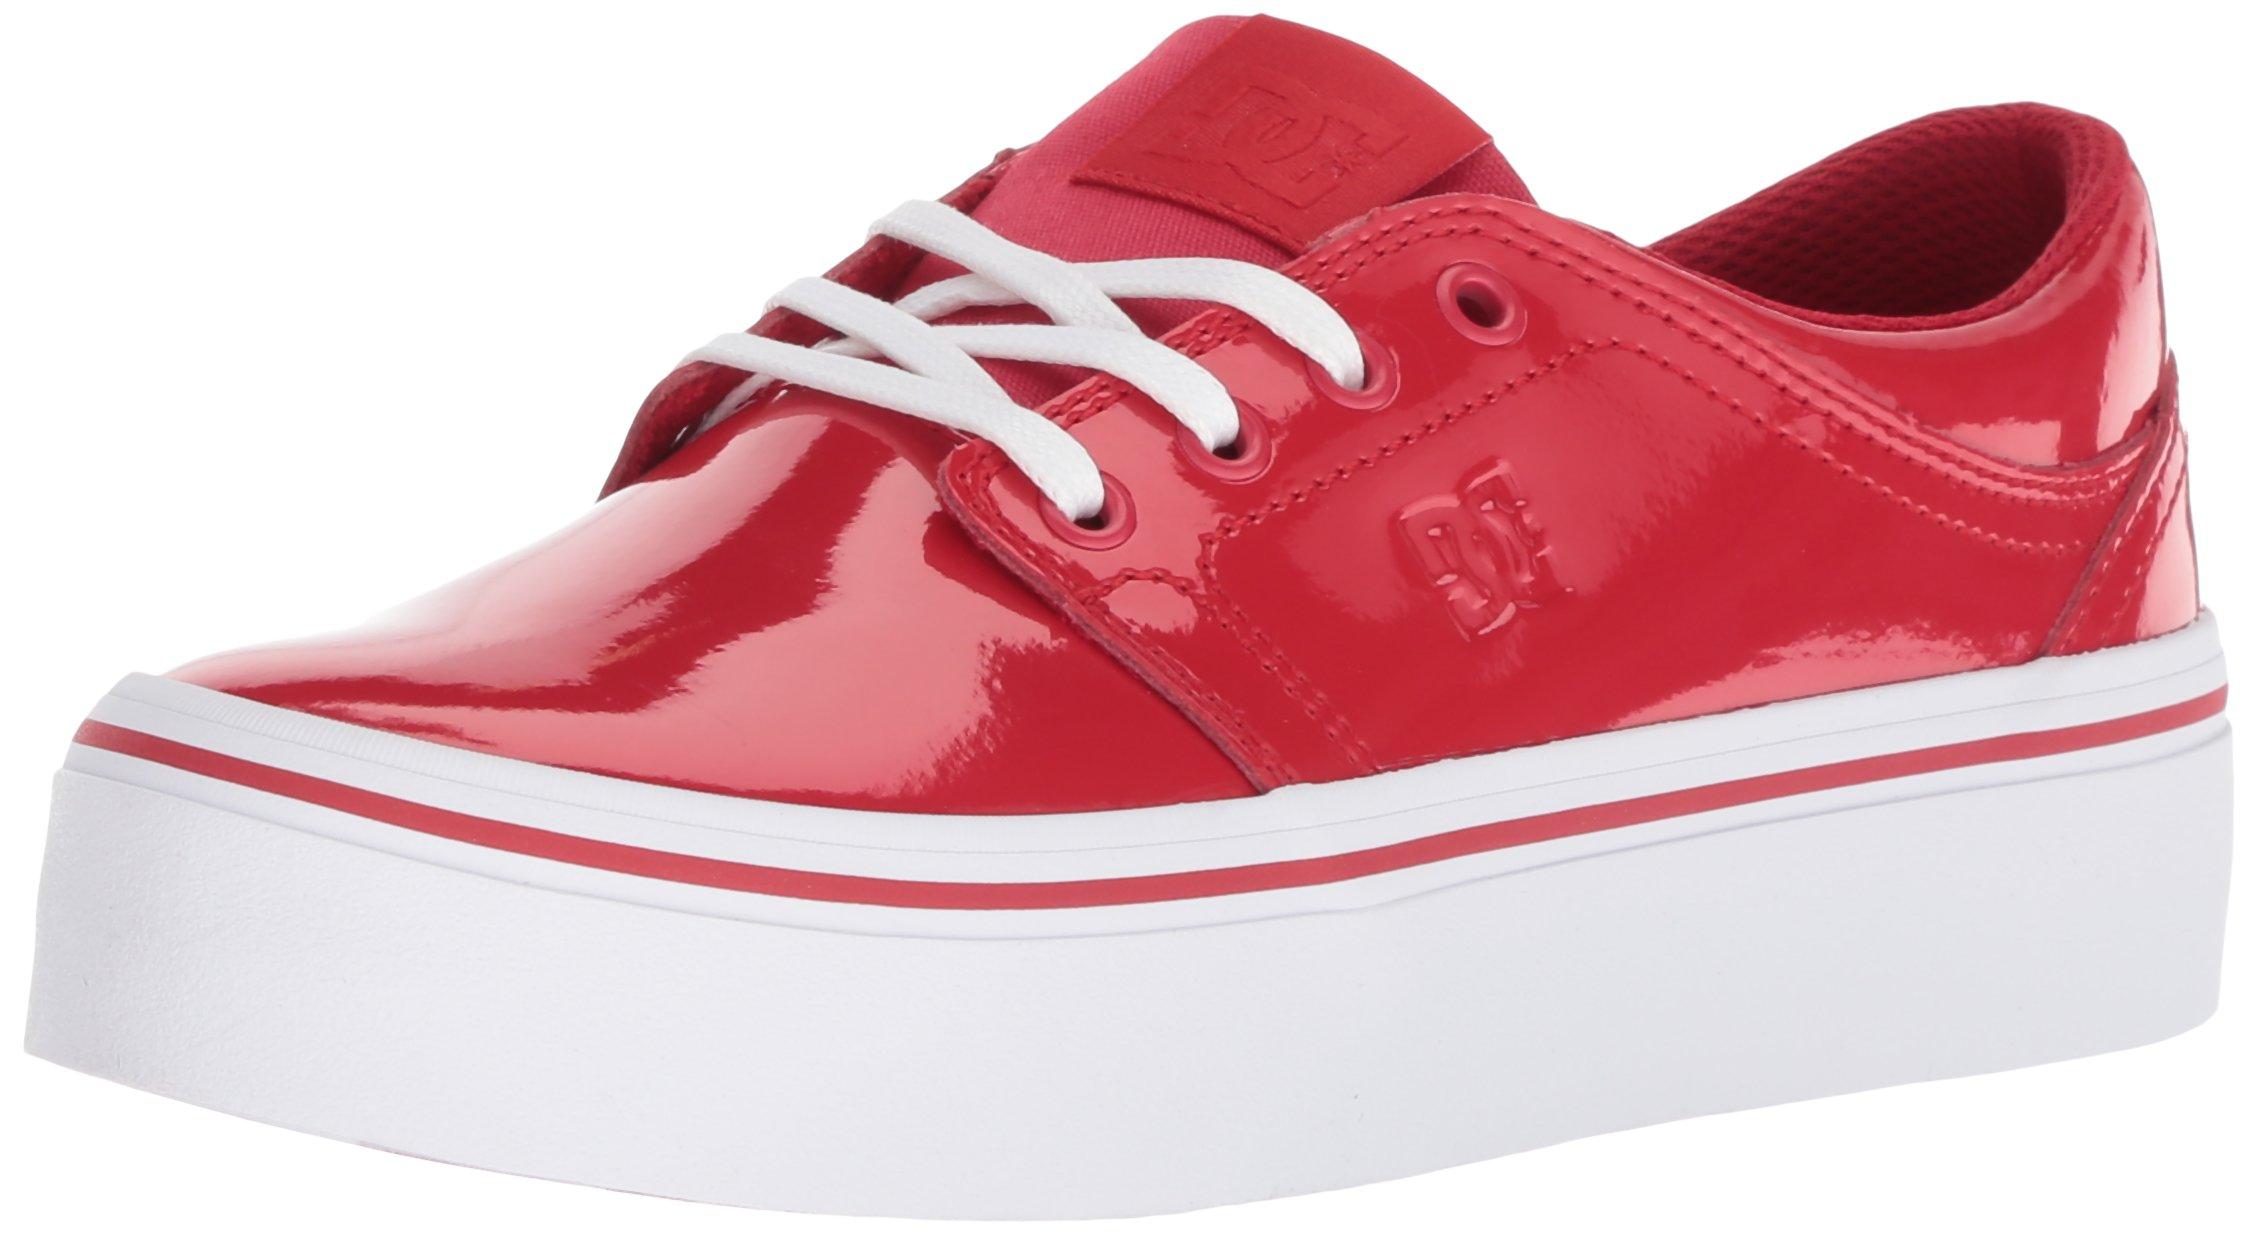 DC Women's Trase Platform SE Skate Shoe, Red, 8.5 B B US